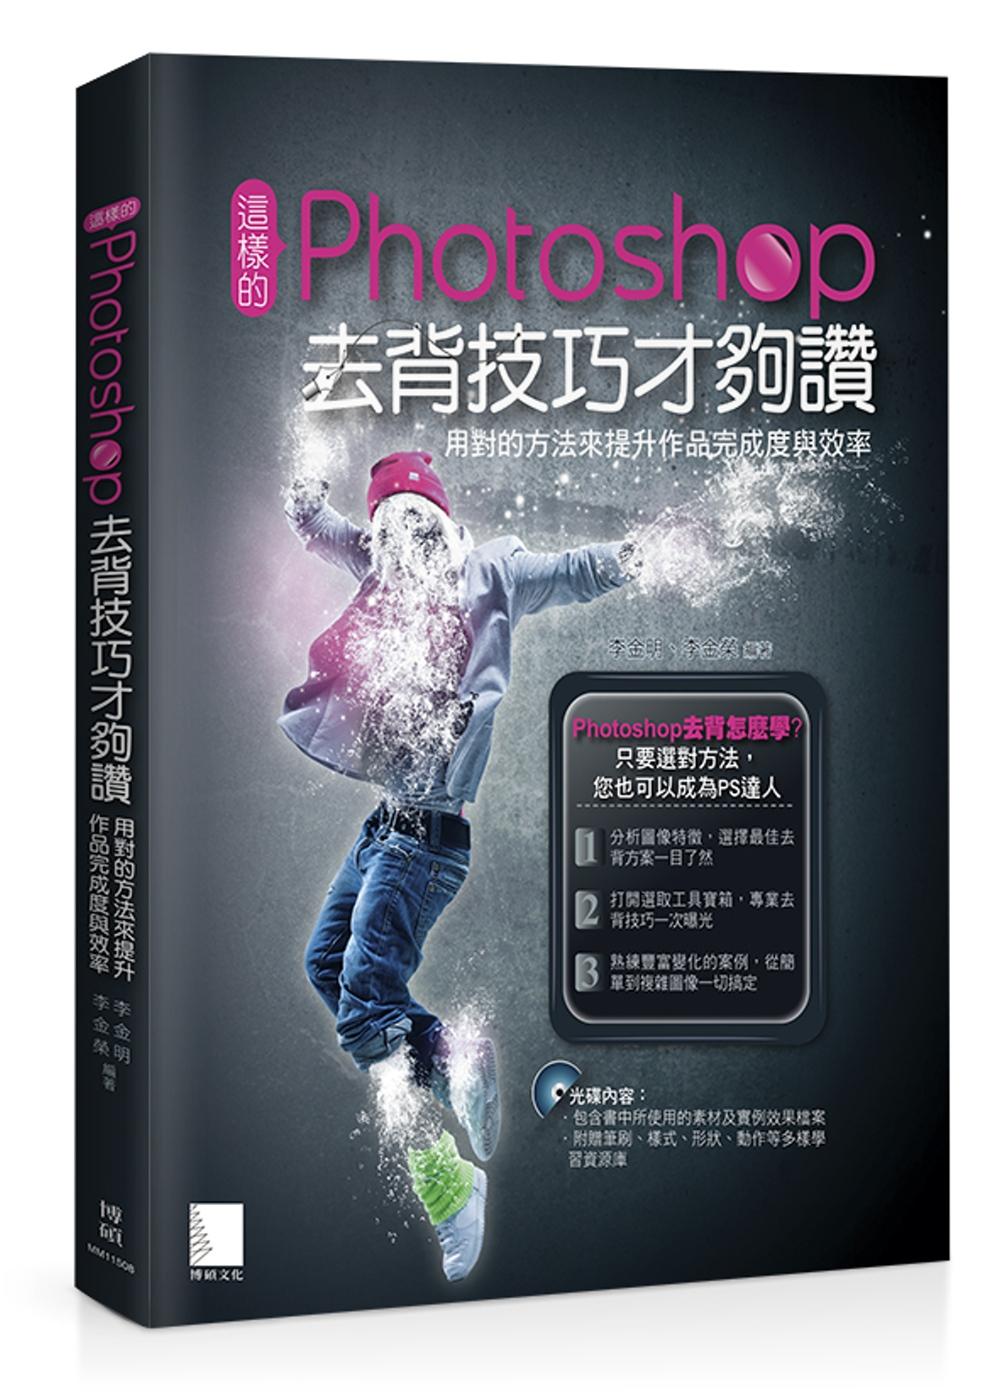 這樣的Photoshop去背技巧才夠讚!用對的方法來提升作品完成度與效率(附光碟)